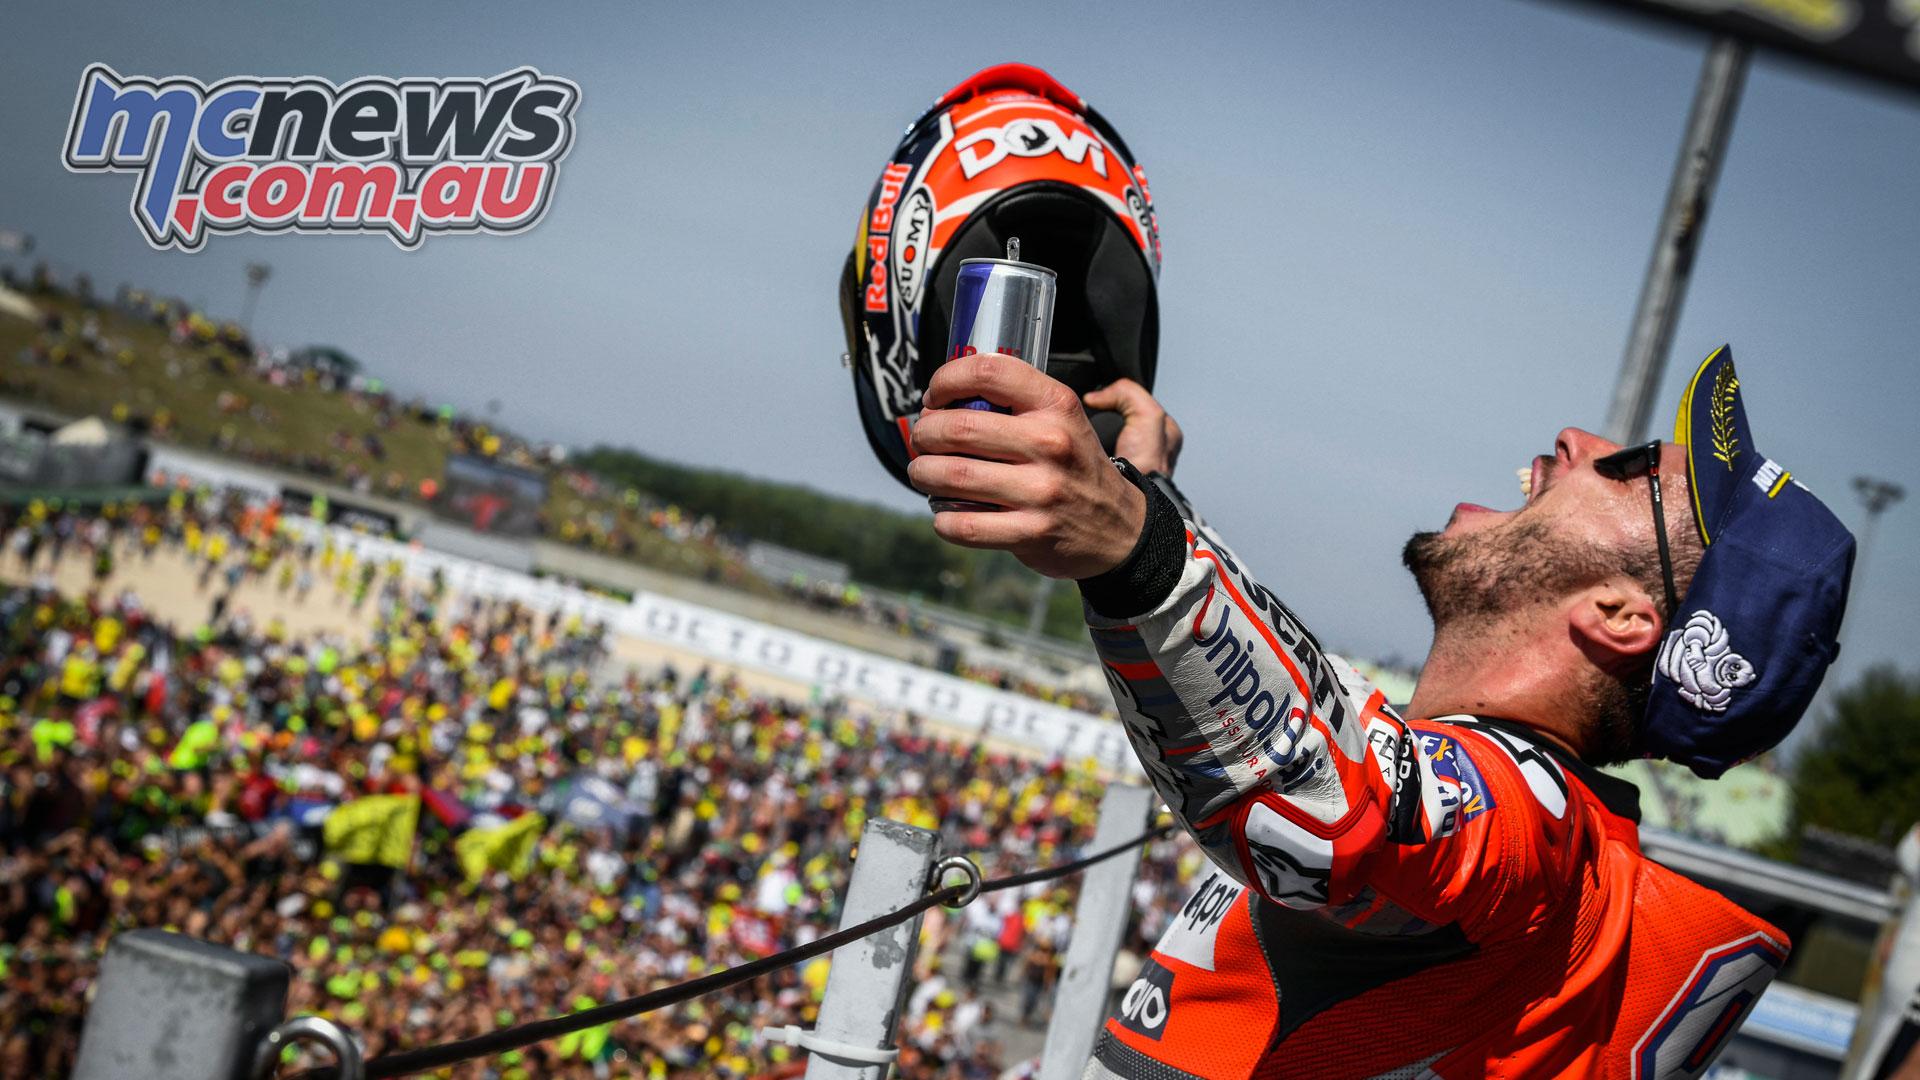 MotoGP Rnd Misano Dovizioso F